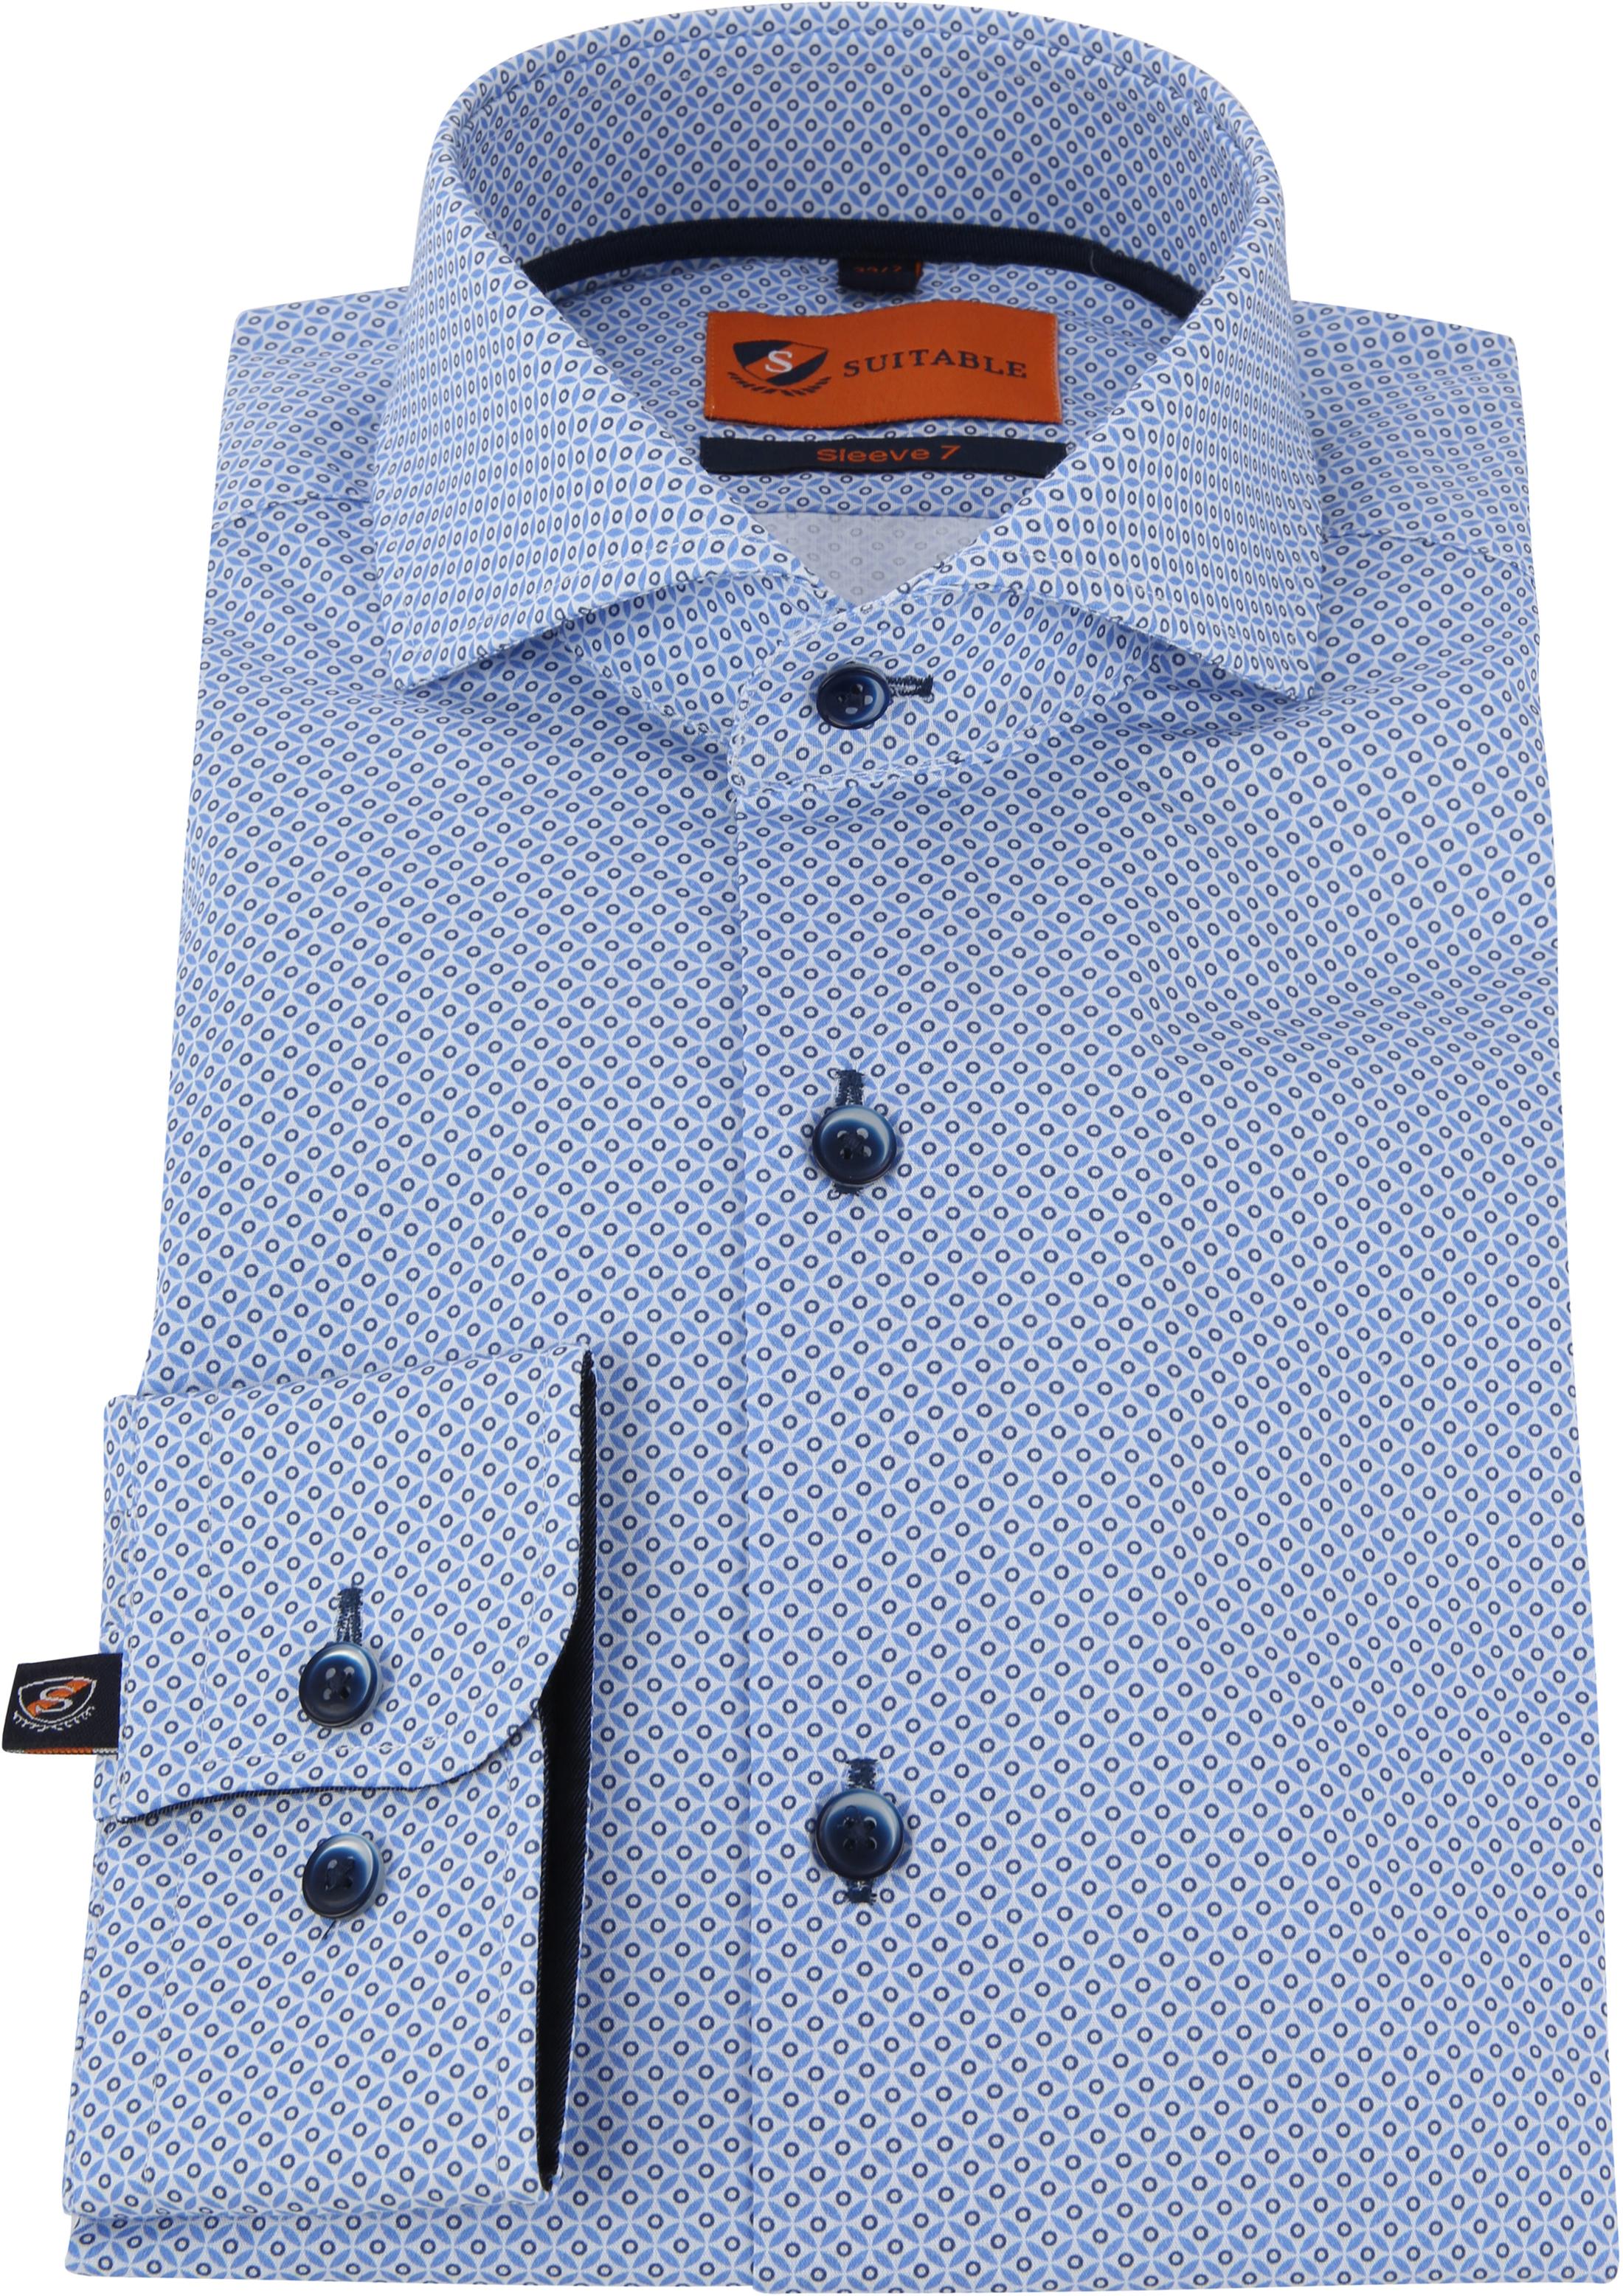 Suitable Shirt SL7 Blue foto 2